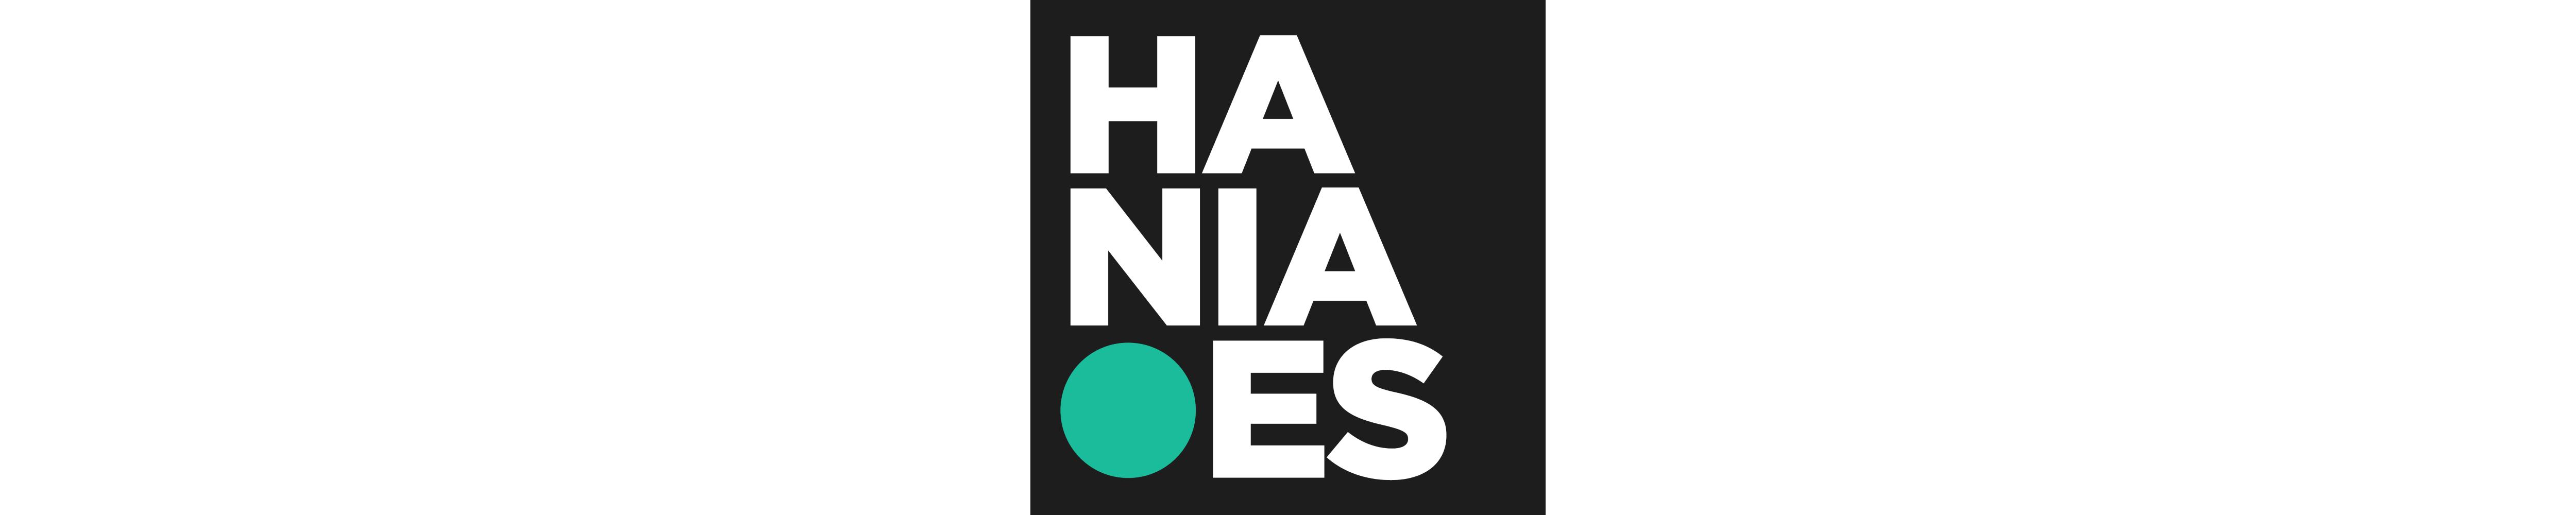 hania.es